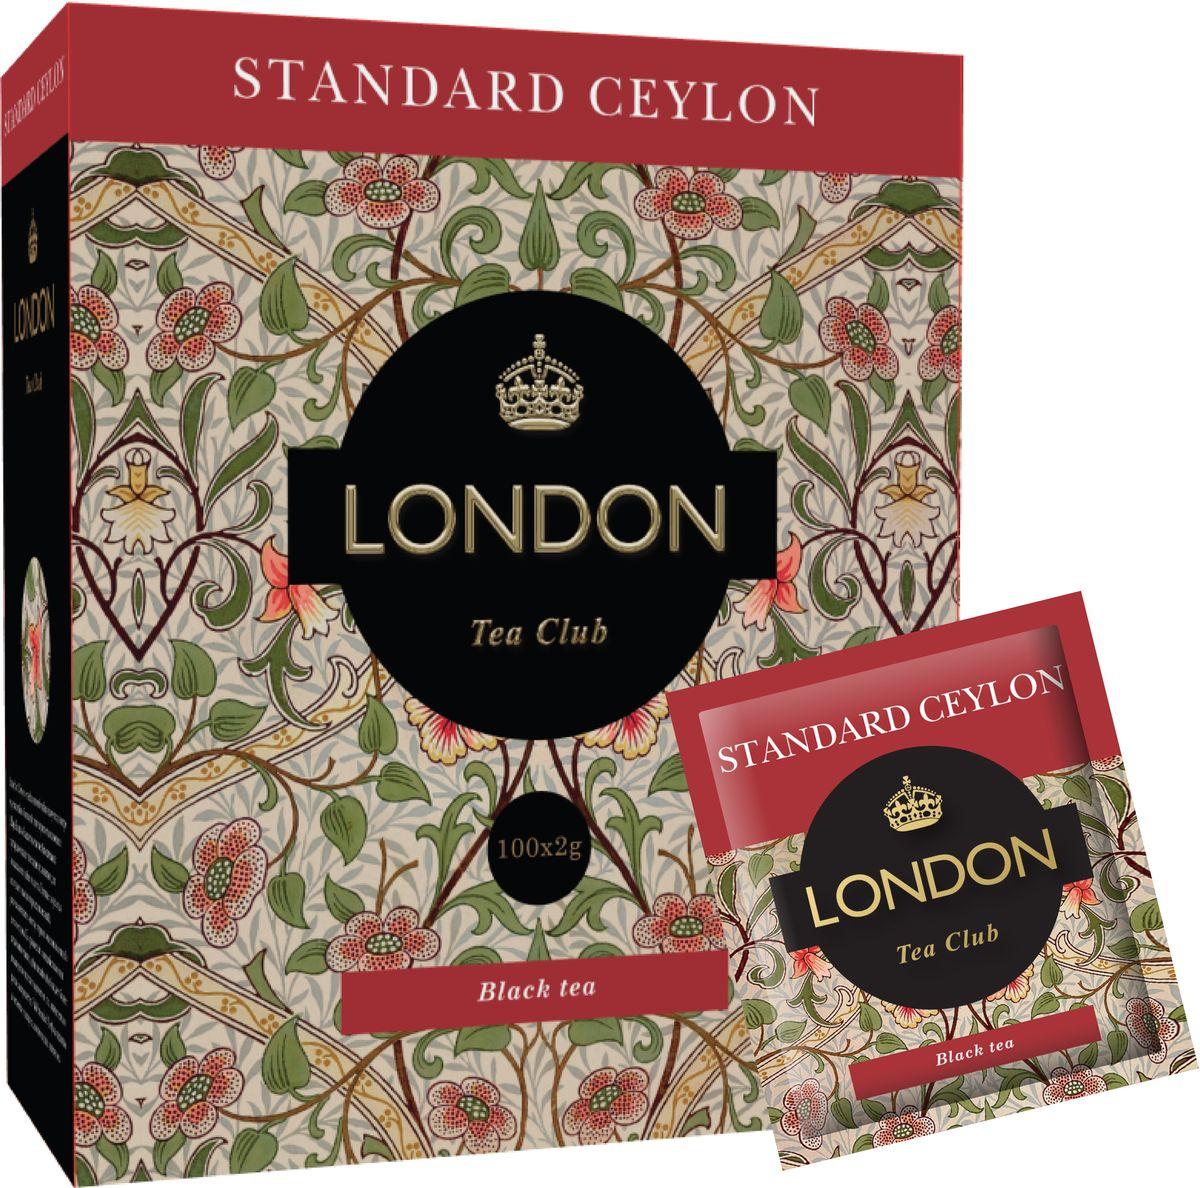 London Tea Club Standard Ceylon чай черный в пакетиках, 100 шт101246Стандарт цейлонского чая хорошо известен своим качеством. Этот чай славится своим ароматом и насыщенным, крепким, терпким вкусом. Отлично сочетается с молоком или лимоном.